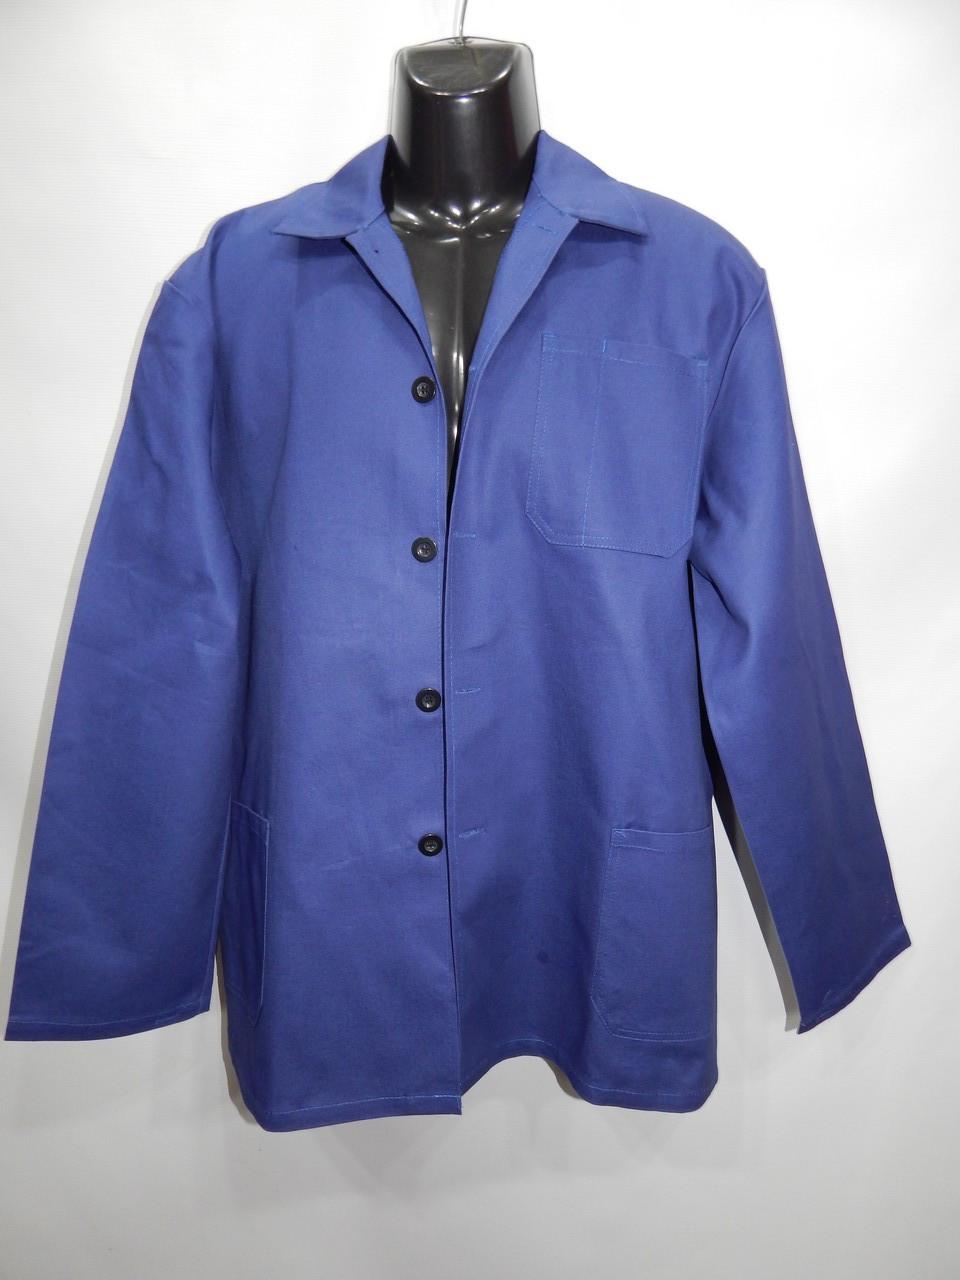 Куртка мужская рабочая демисезонная CXS р.54 029МРК